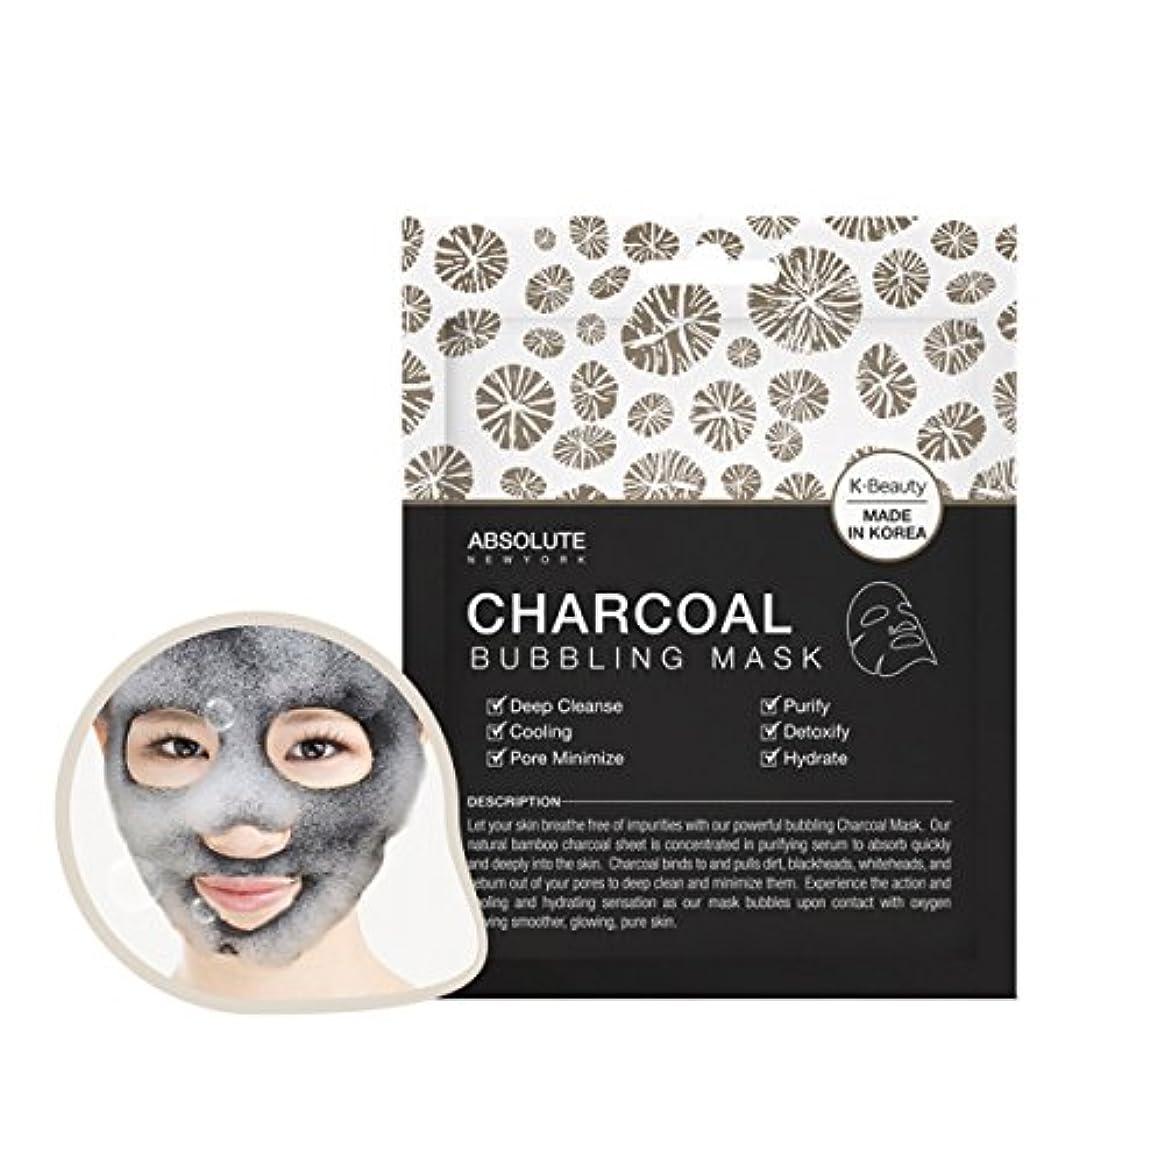 引き出しつまずく腐敗したABSOLUTE Charcoal Bubbling Mask (並行輸入品)